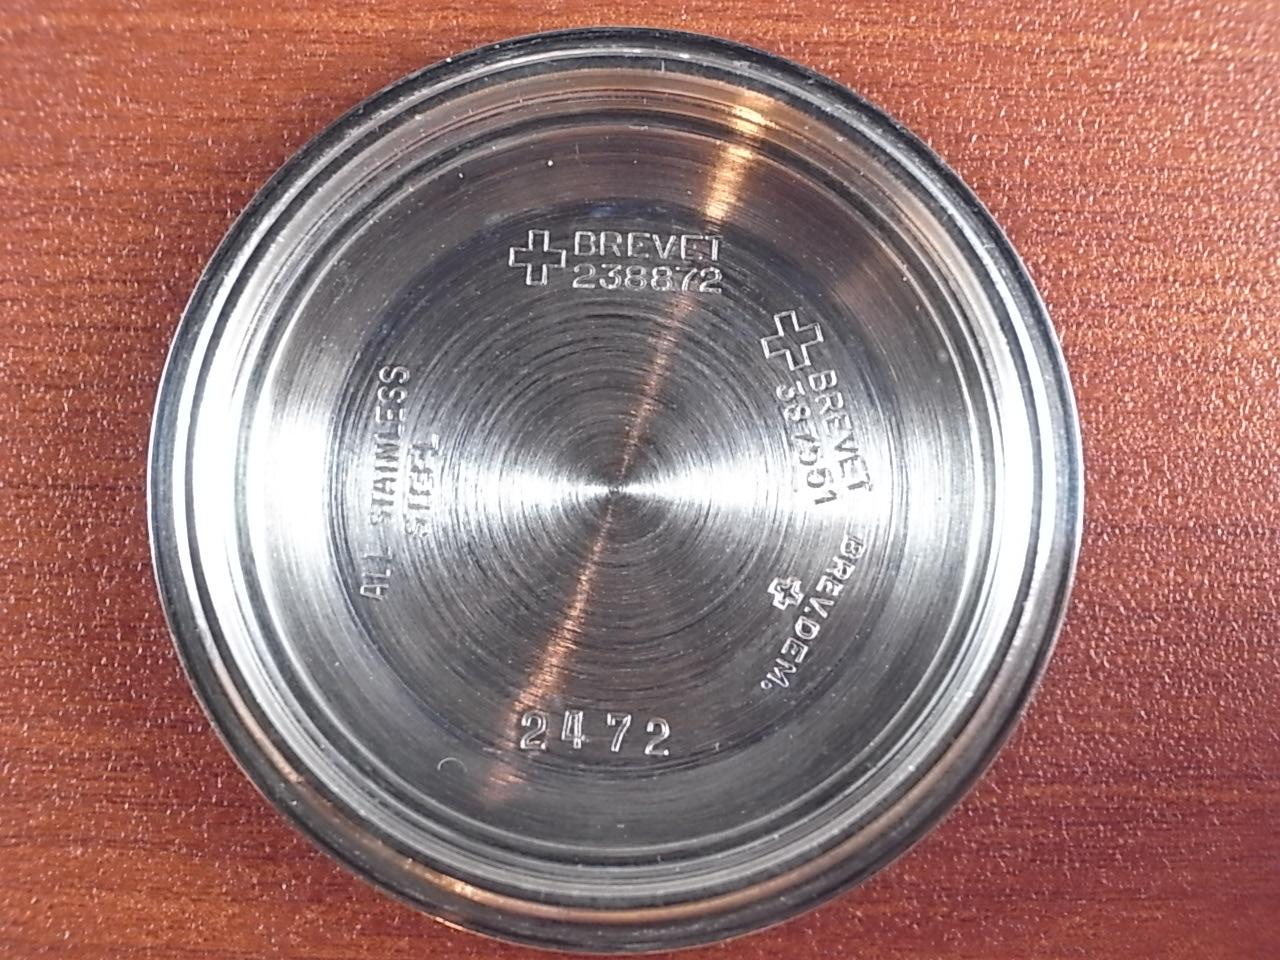 テクノス スカイダイバー 500m防水 ダイバーズウォッチ 1960年代の写真6枚目